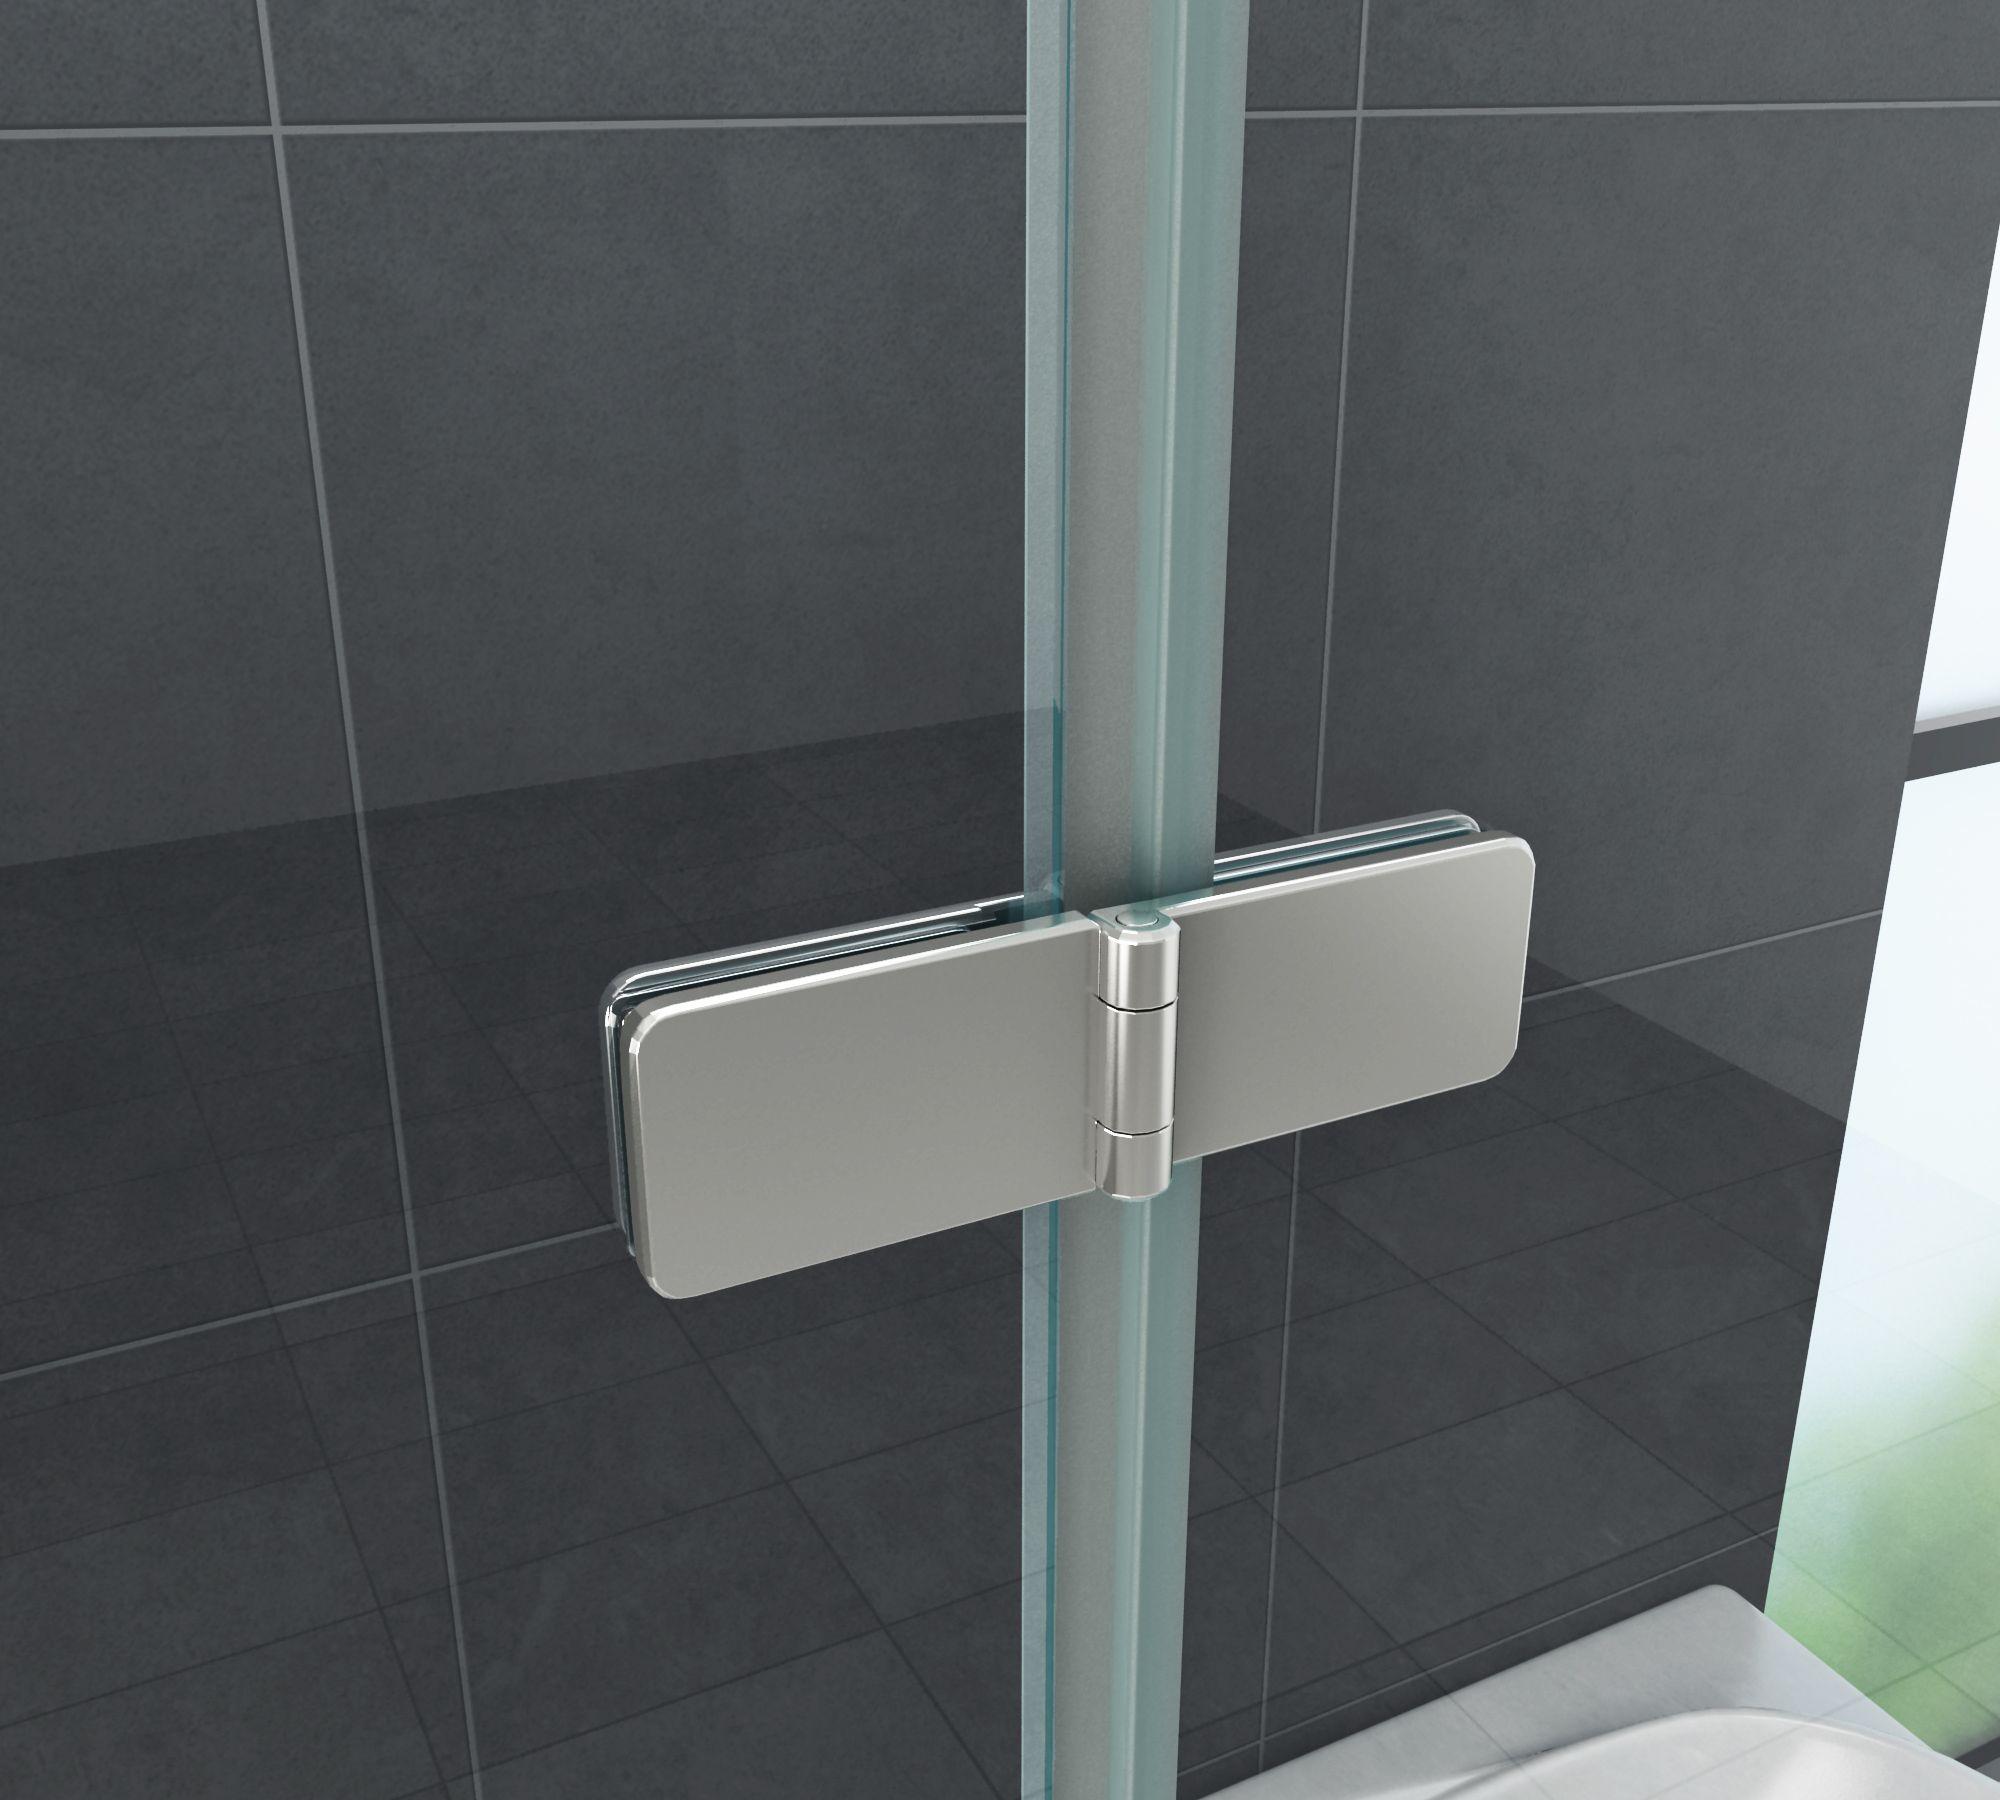 Scharnier / Beschlag für Duschen S01